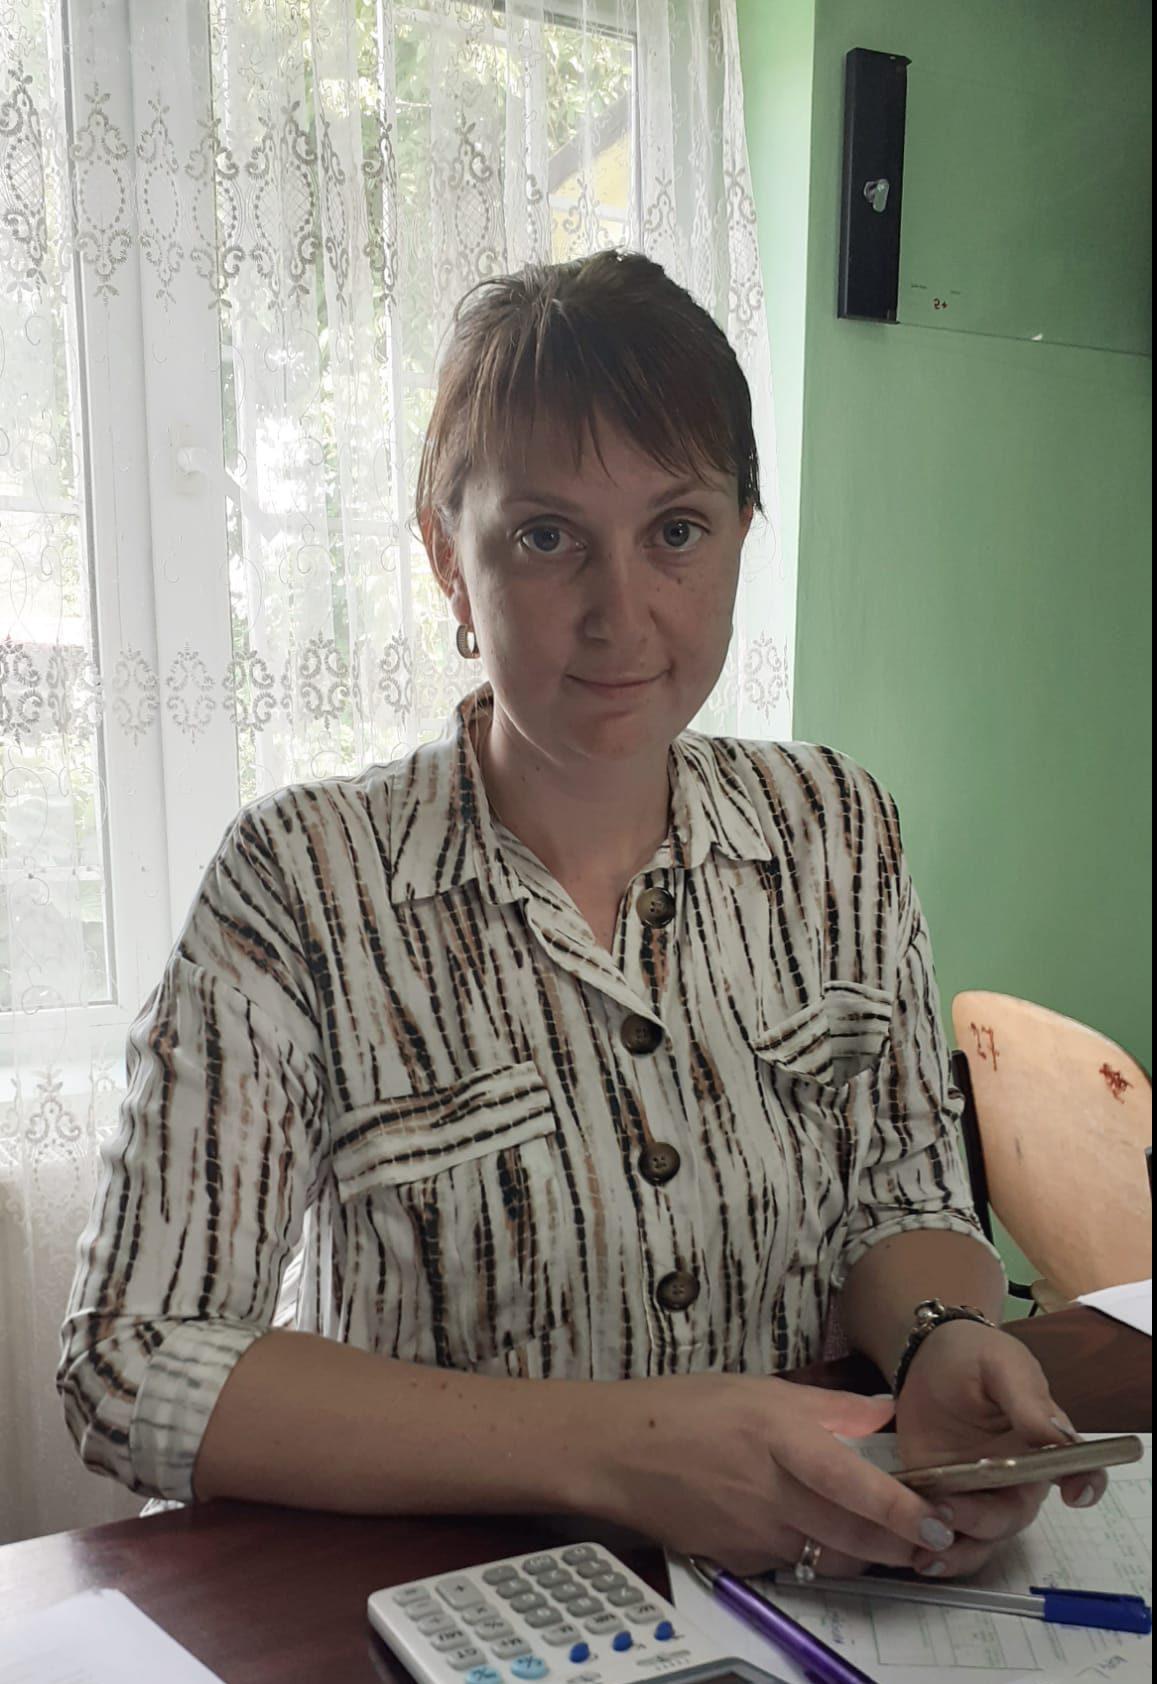 Andreea Tătărăşanu, tânăra care s-a întors din străinătate să lucreze pământul acasă, la Popeşti